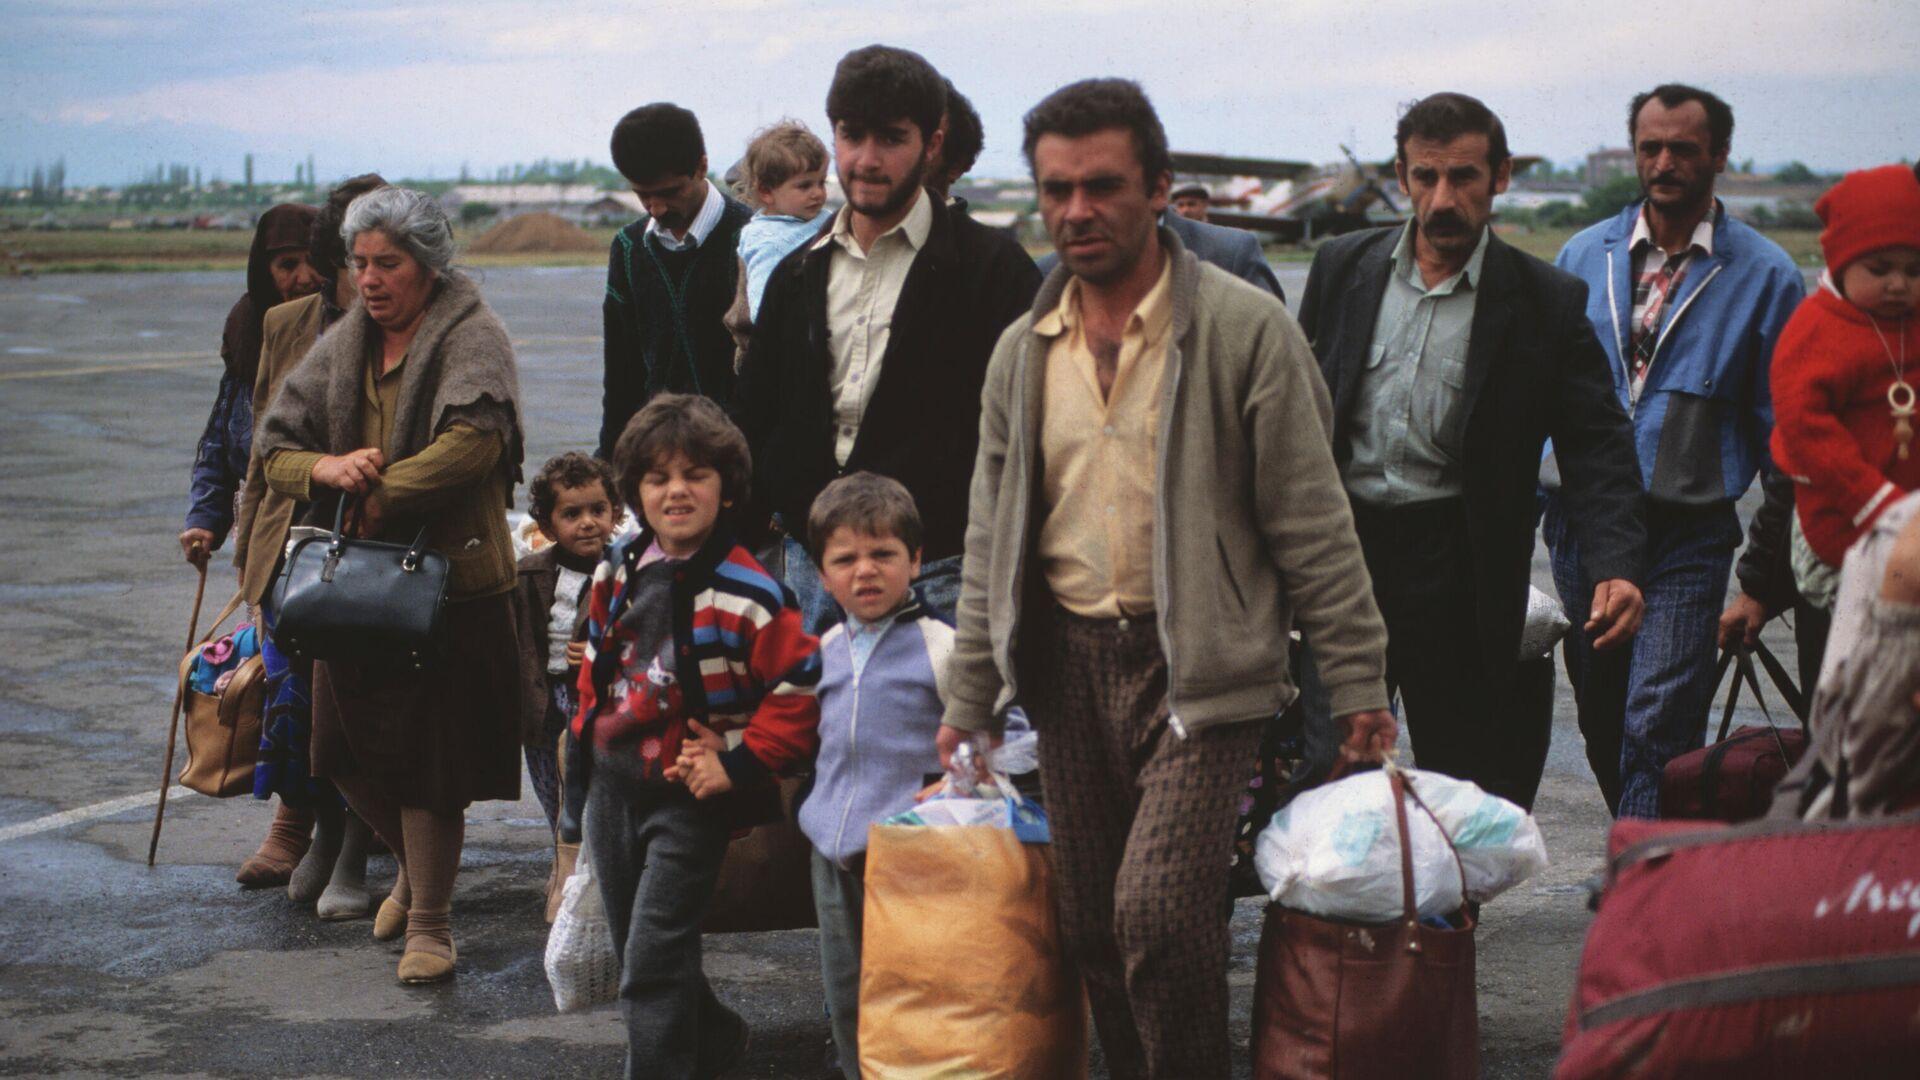 Беженцы из селений Нагорного Карабаха - РИА Новости, 1920, 29.09.2020